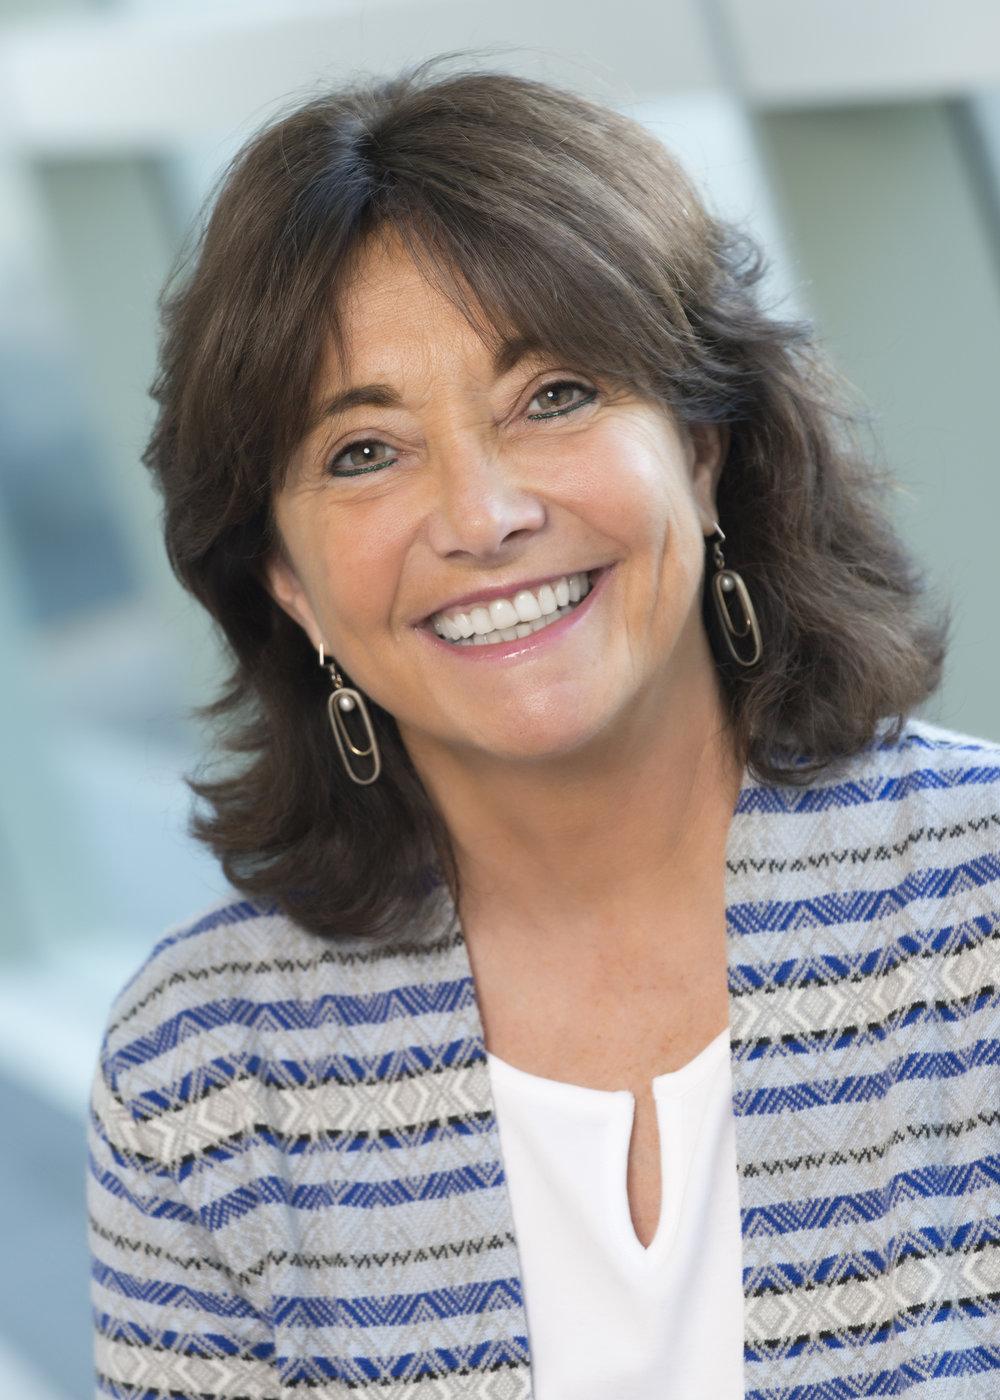 Francesca Lawson